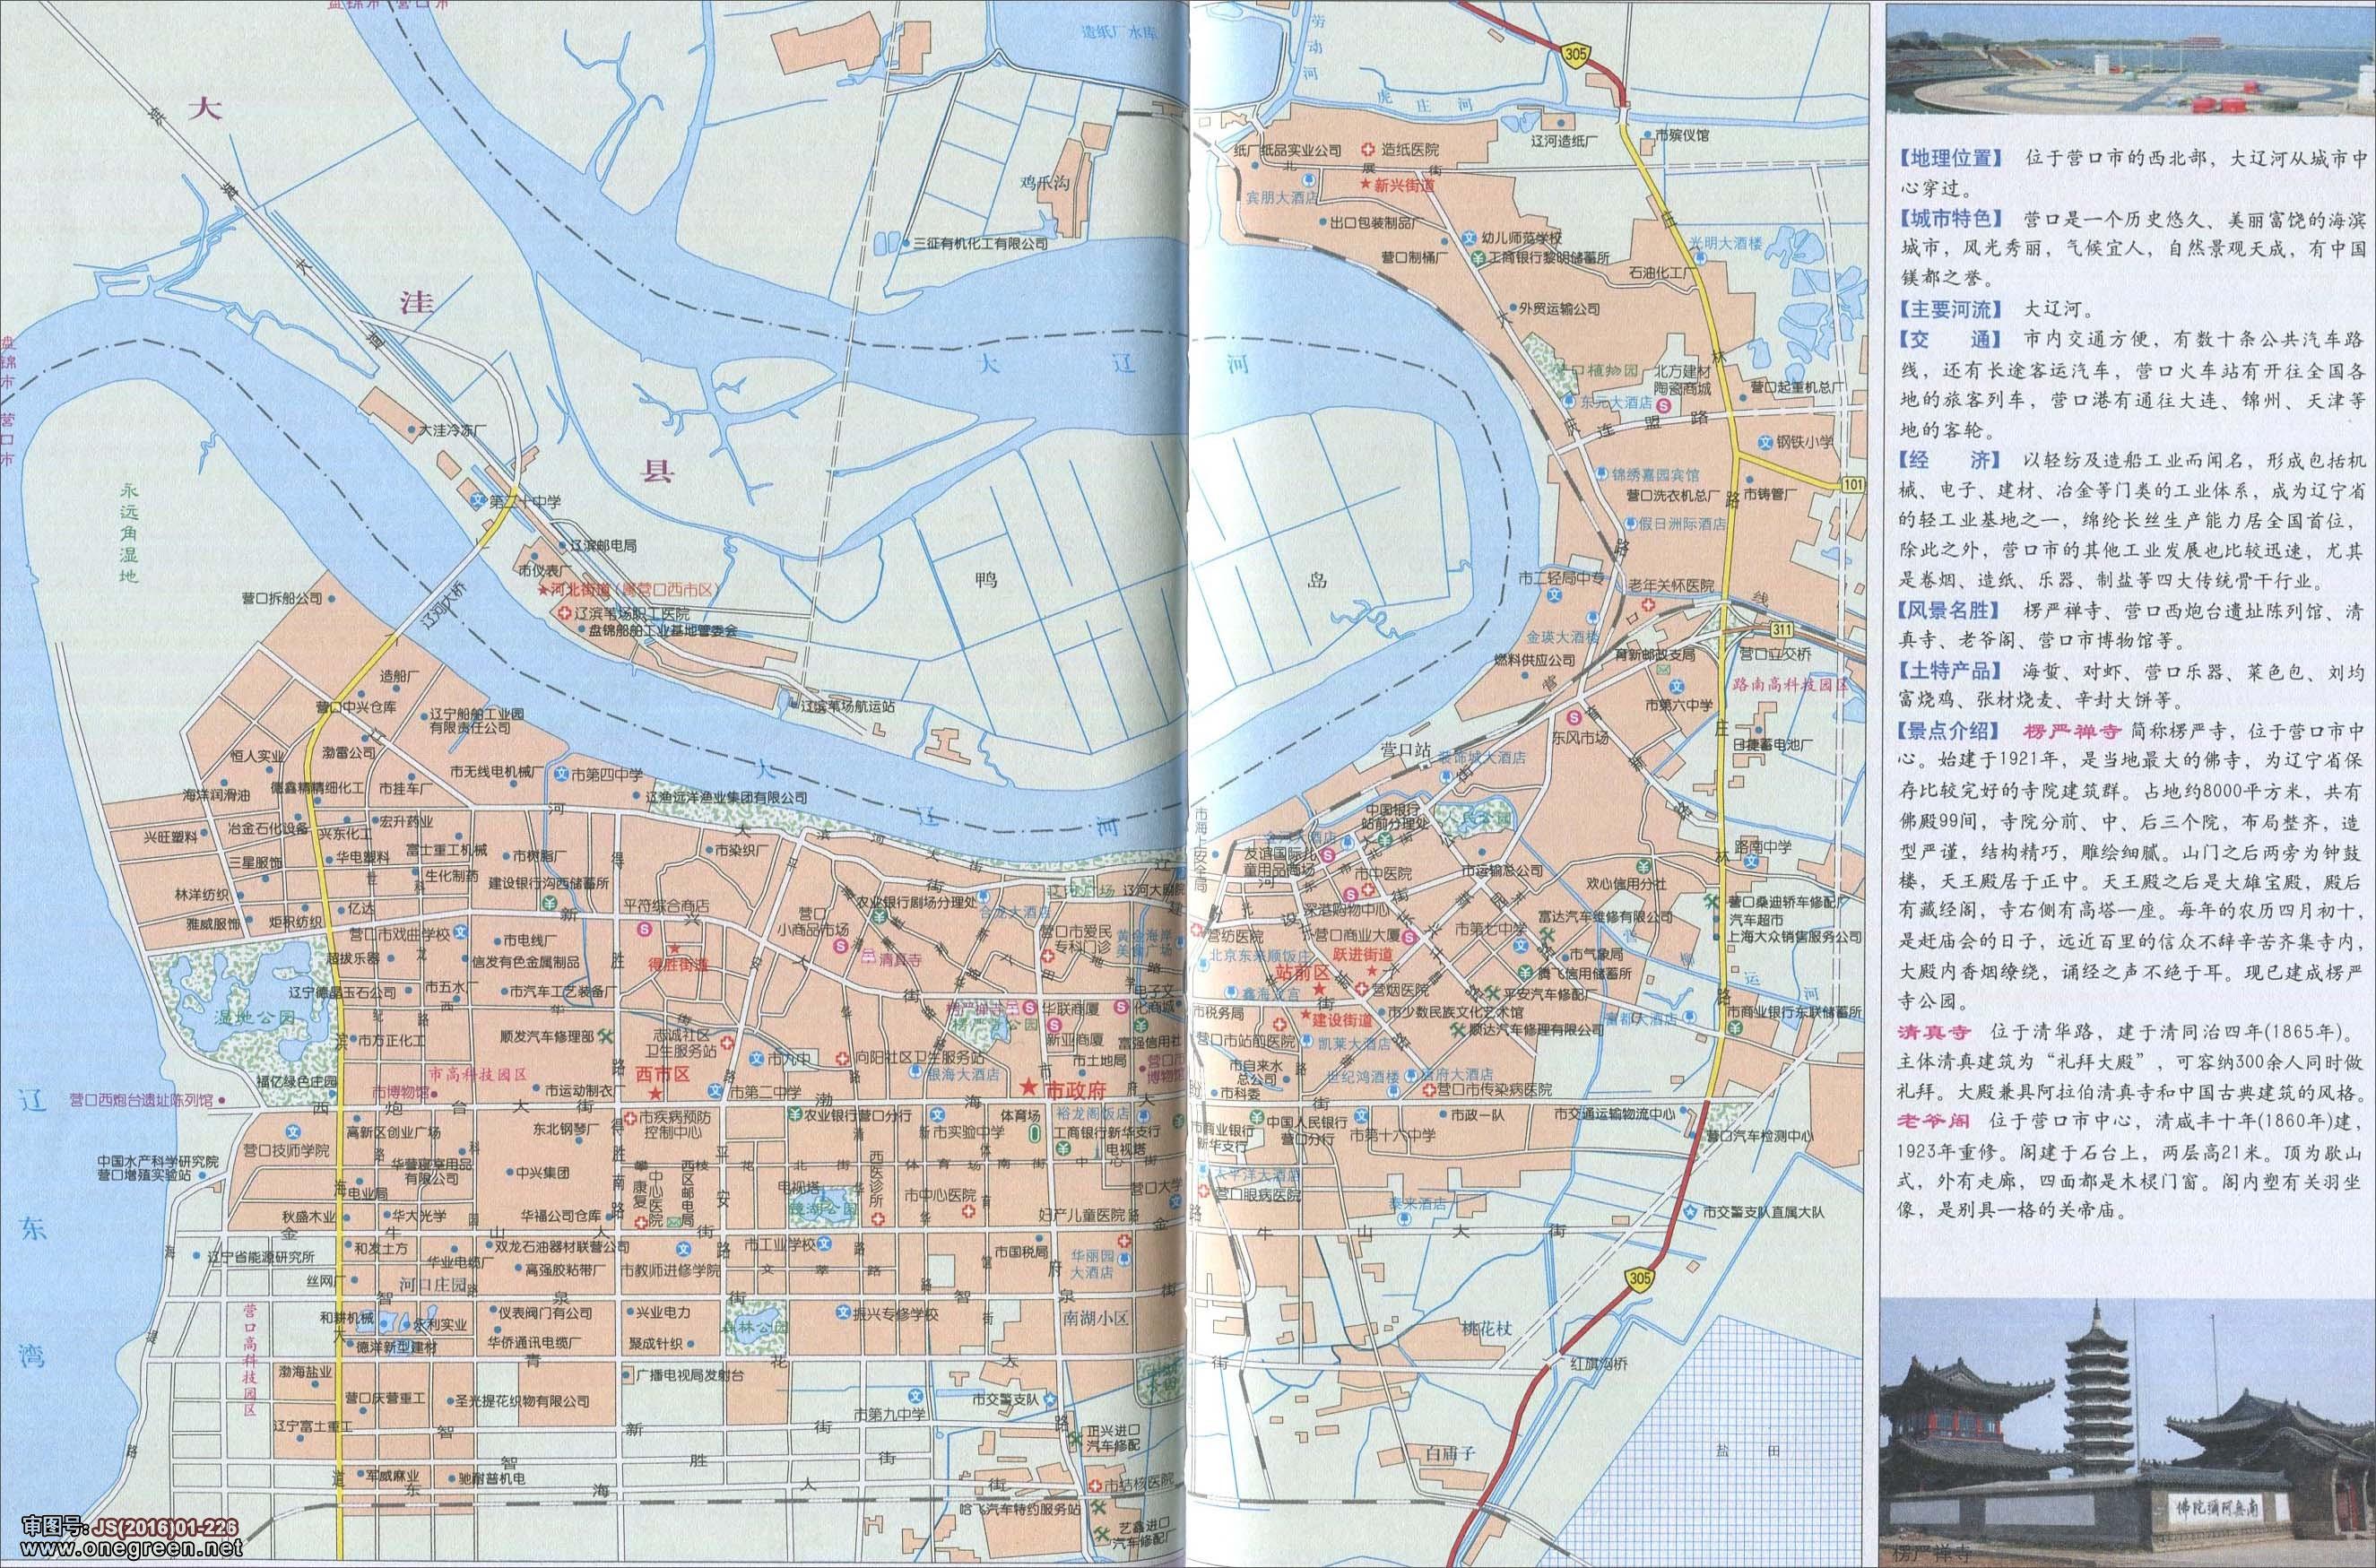 锦州  营口  阜新  辽阳  盘锦  铁岭  朝阳  葫芦岛 上一张地图: 盖